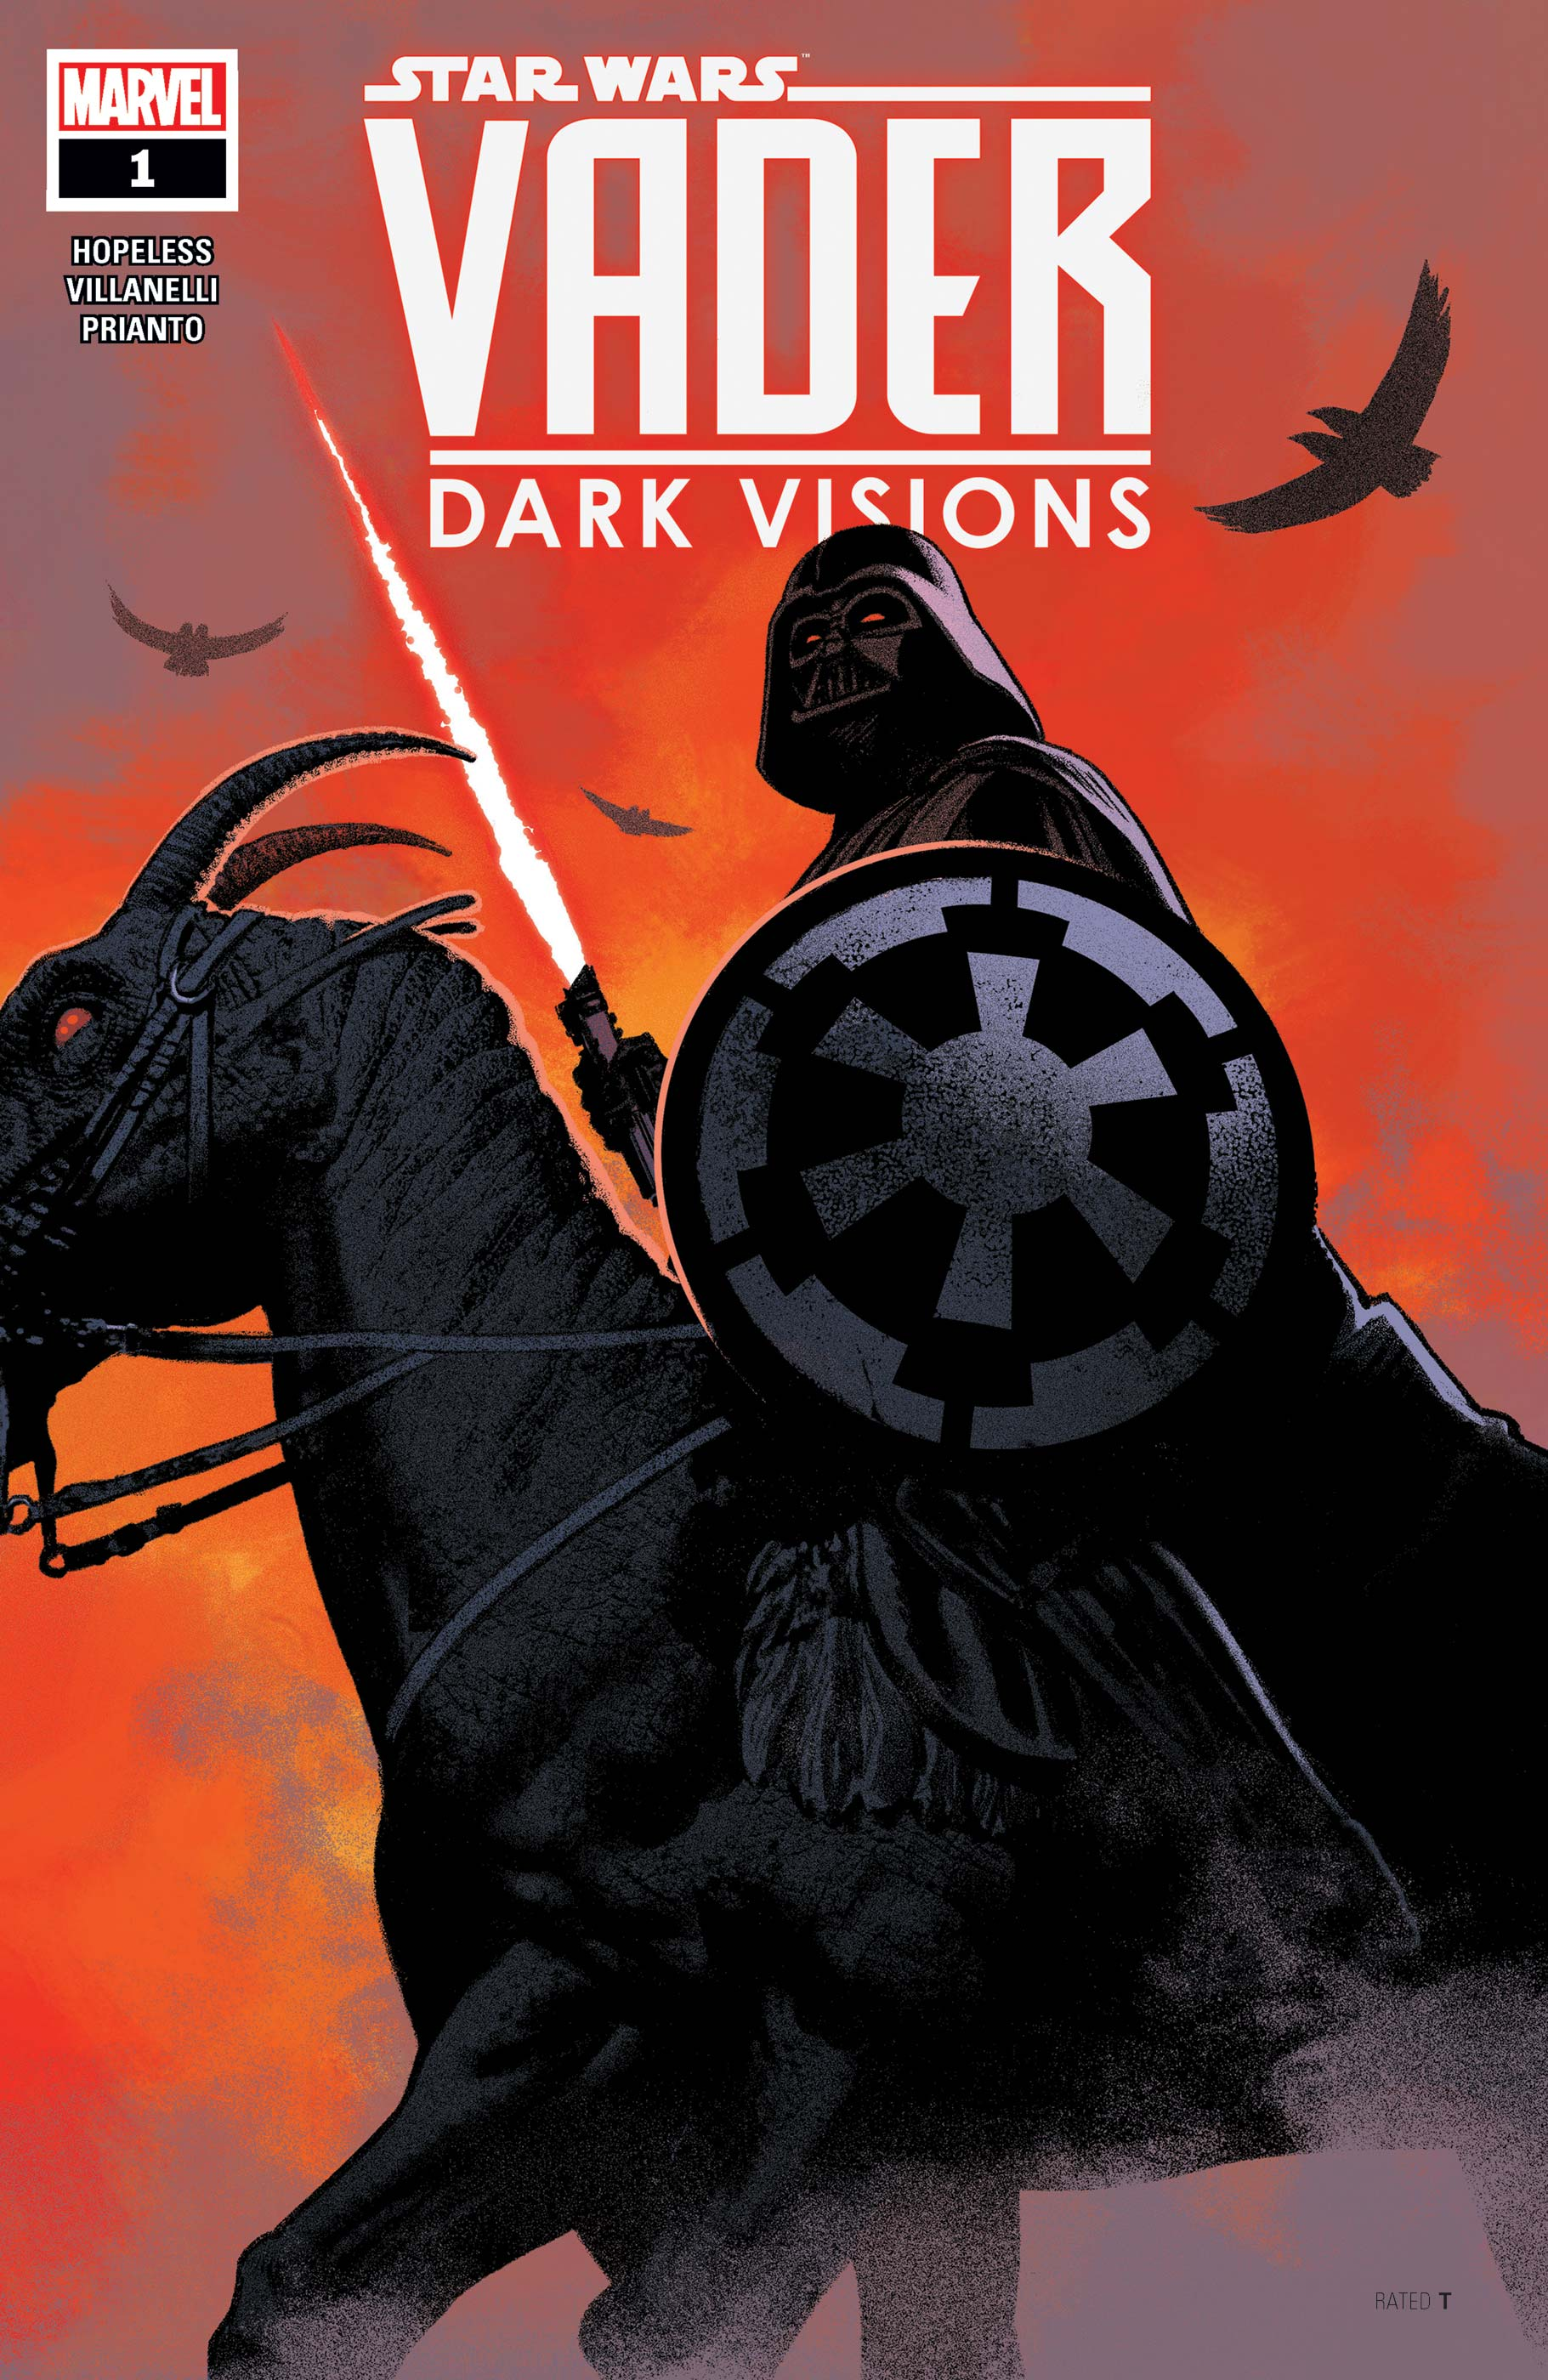 Star Wars: Vader - Dark Visions (2019) #1